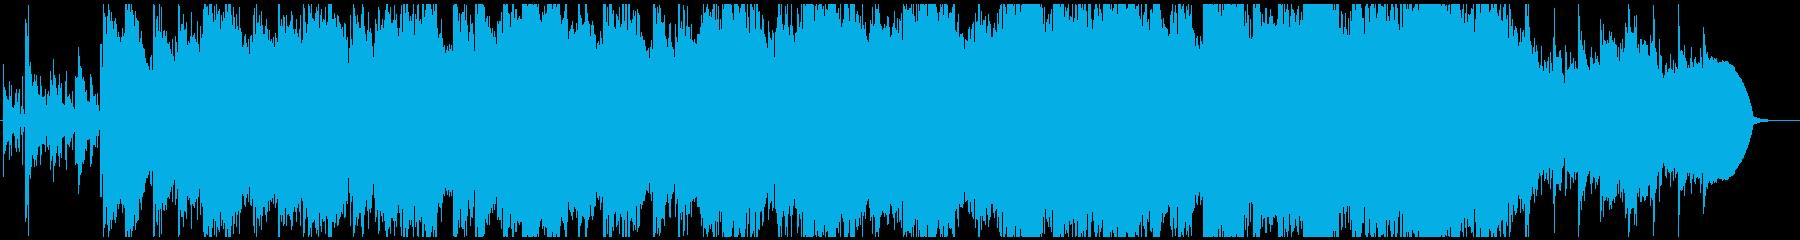 アンビエントでハッピーな曲の再生済みの波形